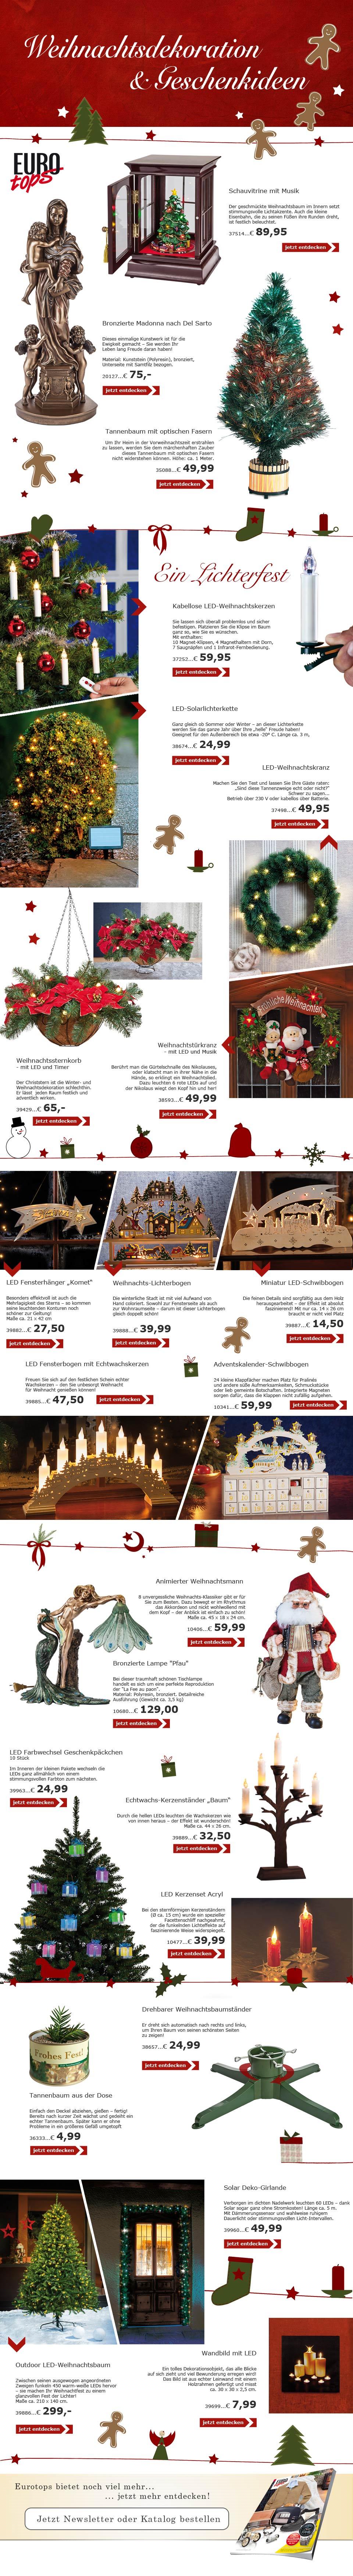 Themenwelt Weihnachten1